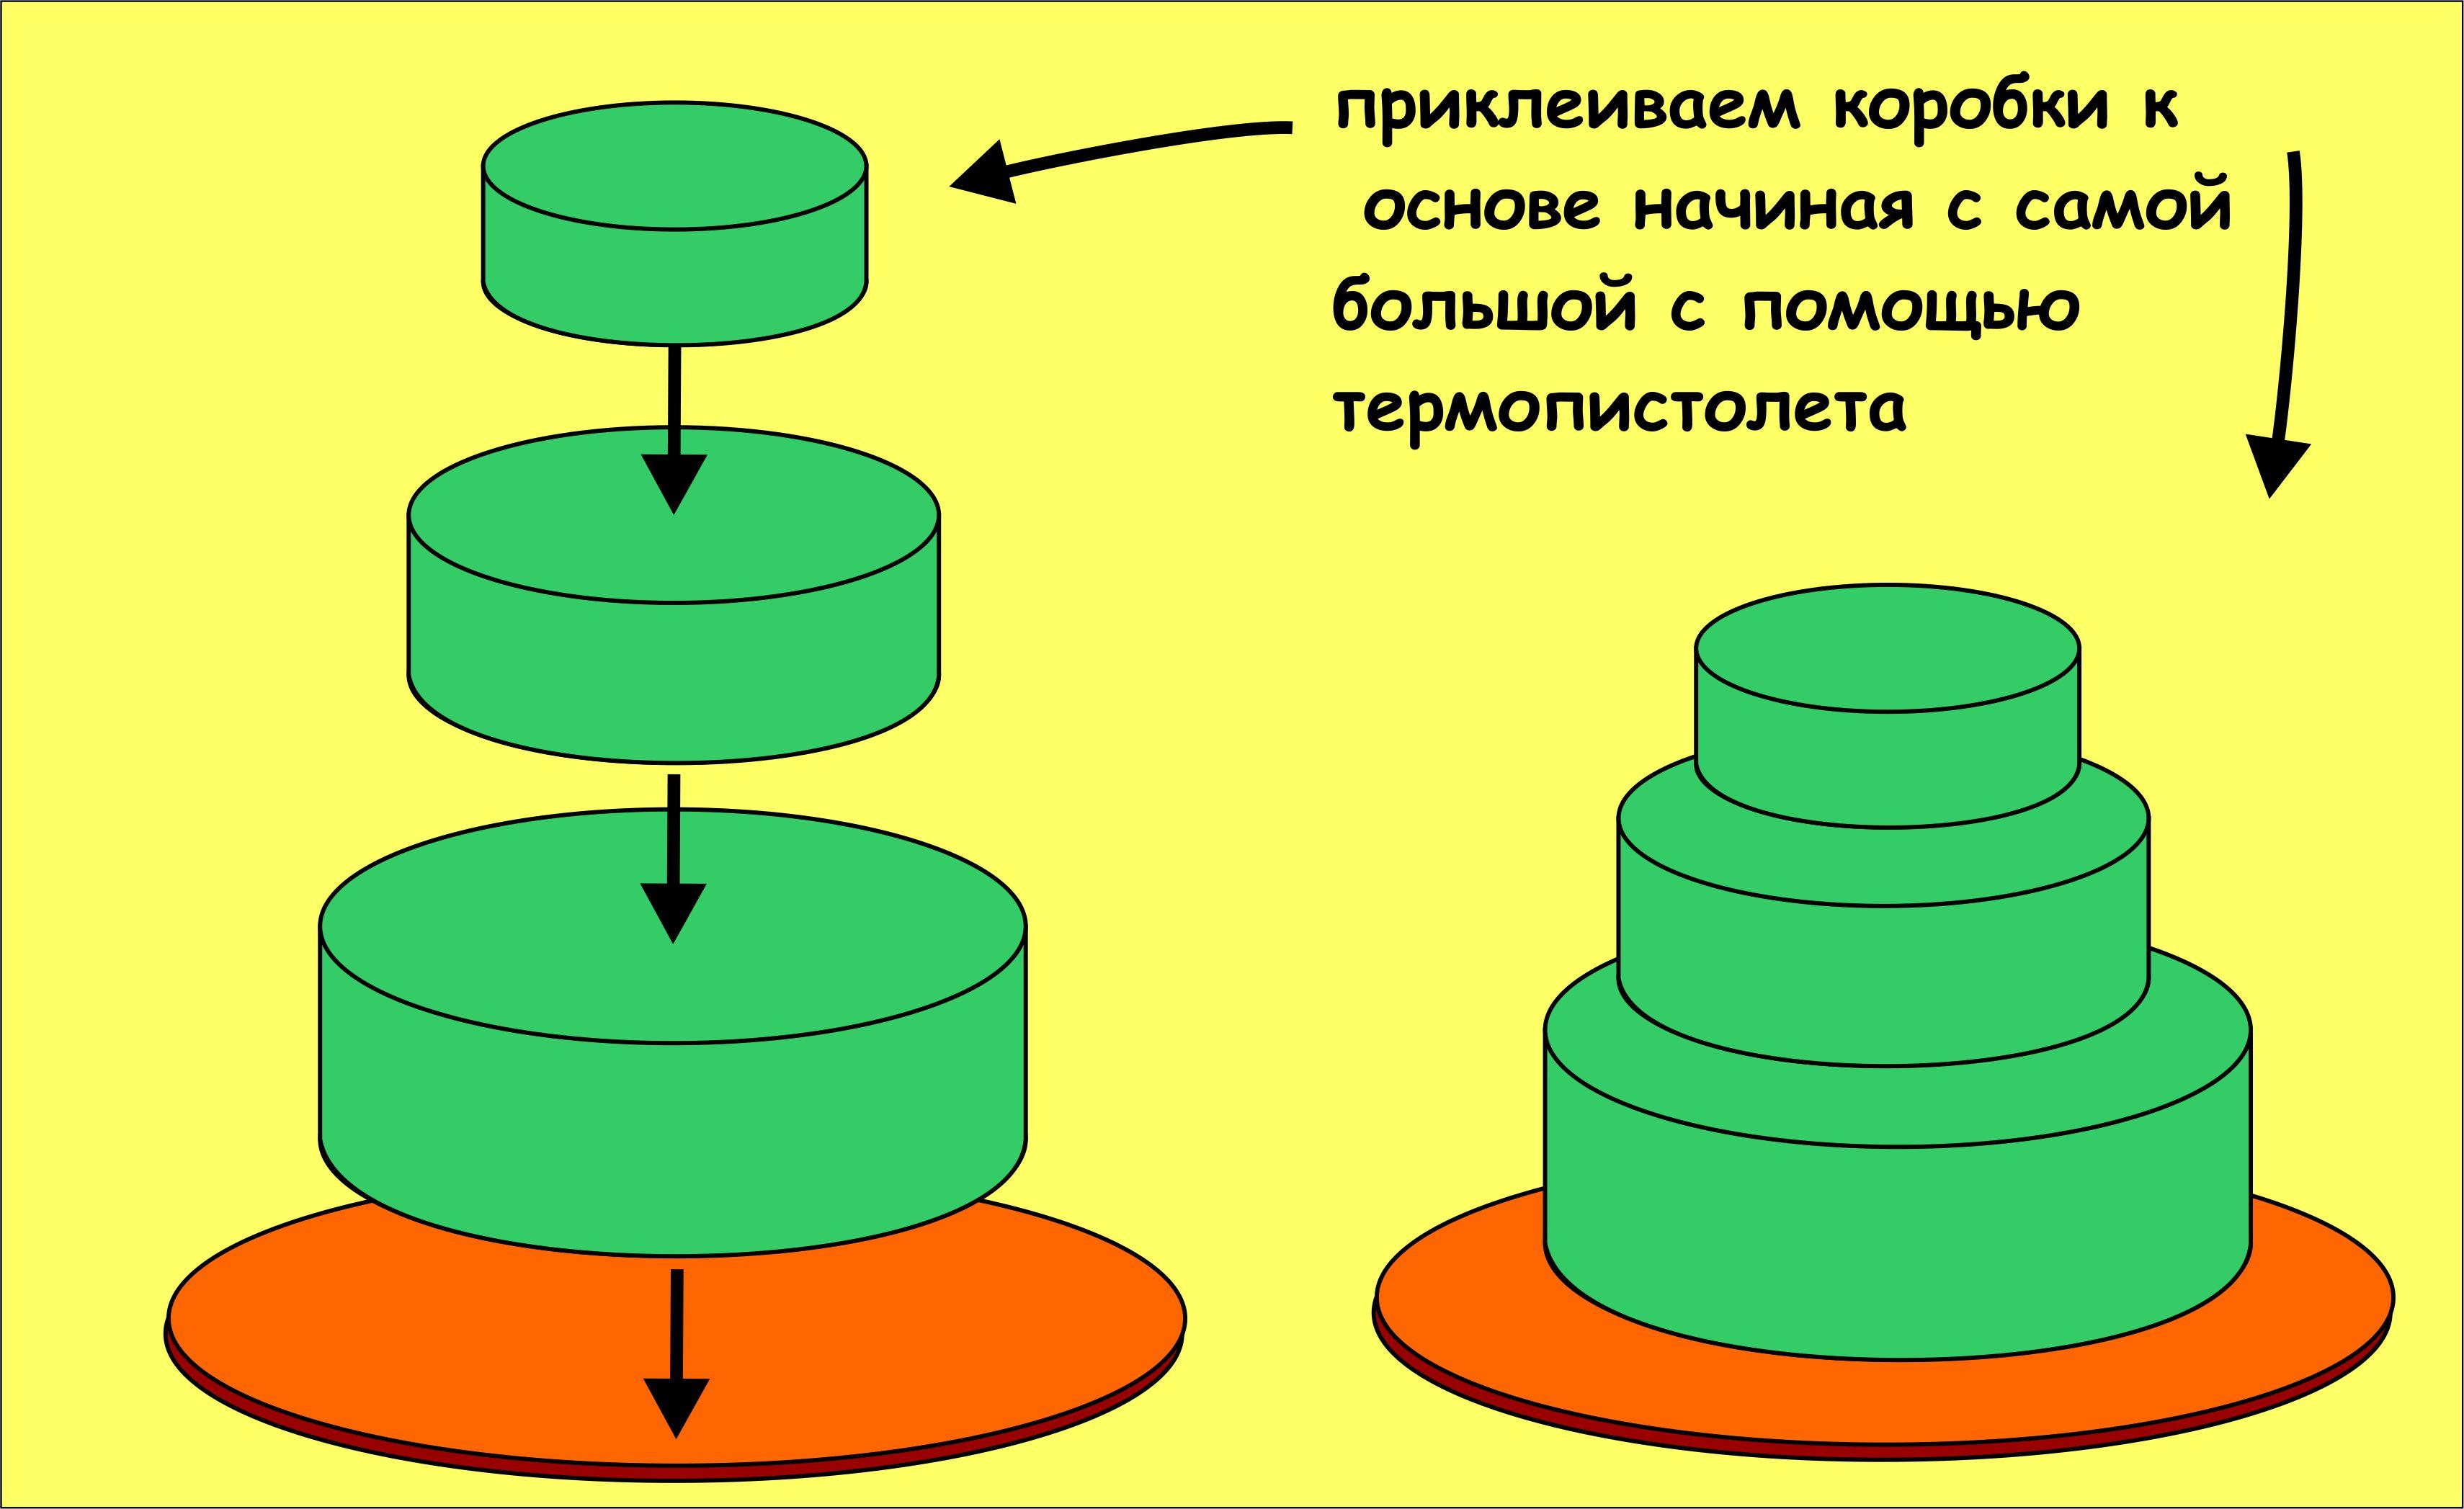 Как сделать оригинальный торт из школьных принадлежностей (канцтоваров)